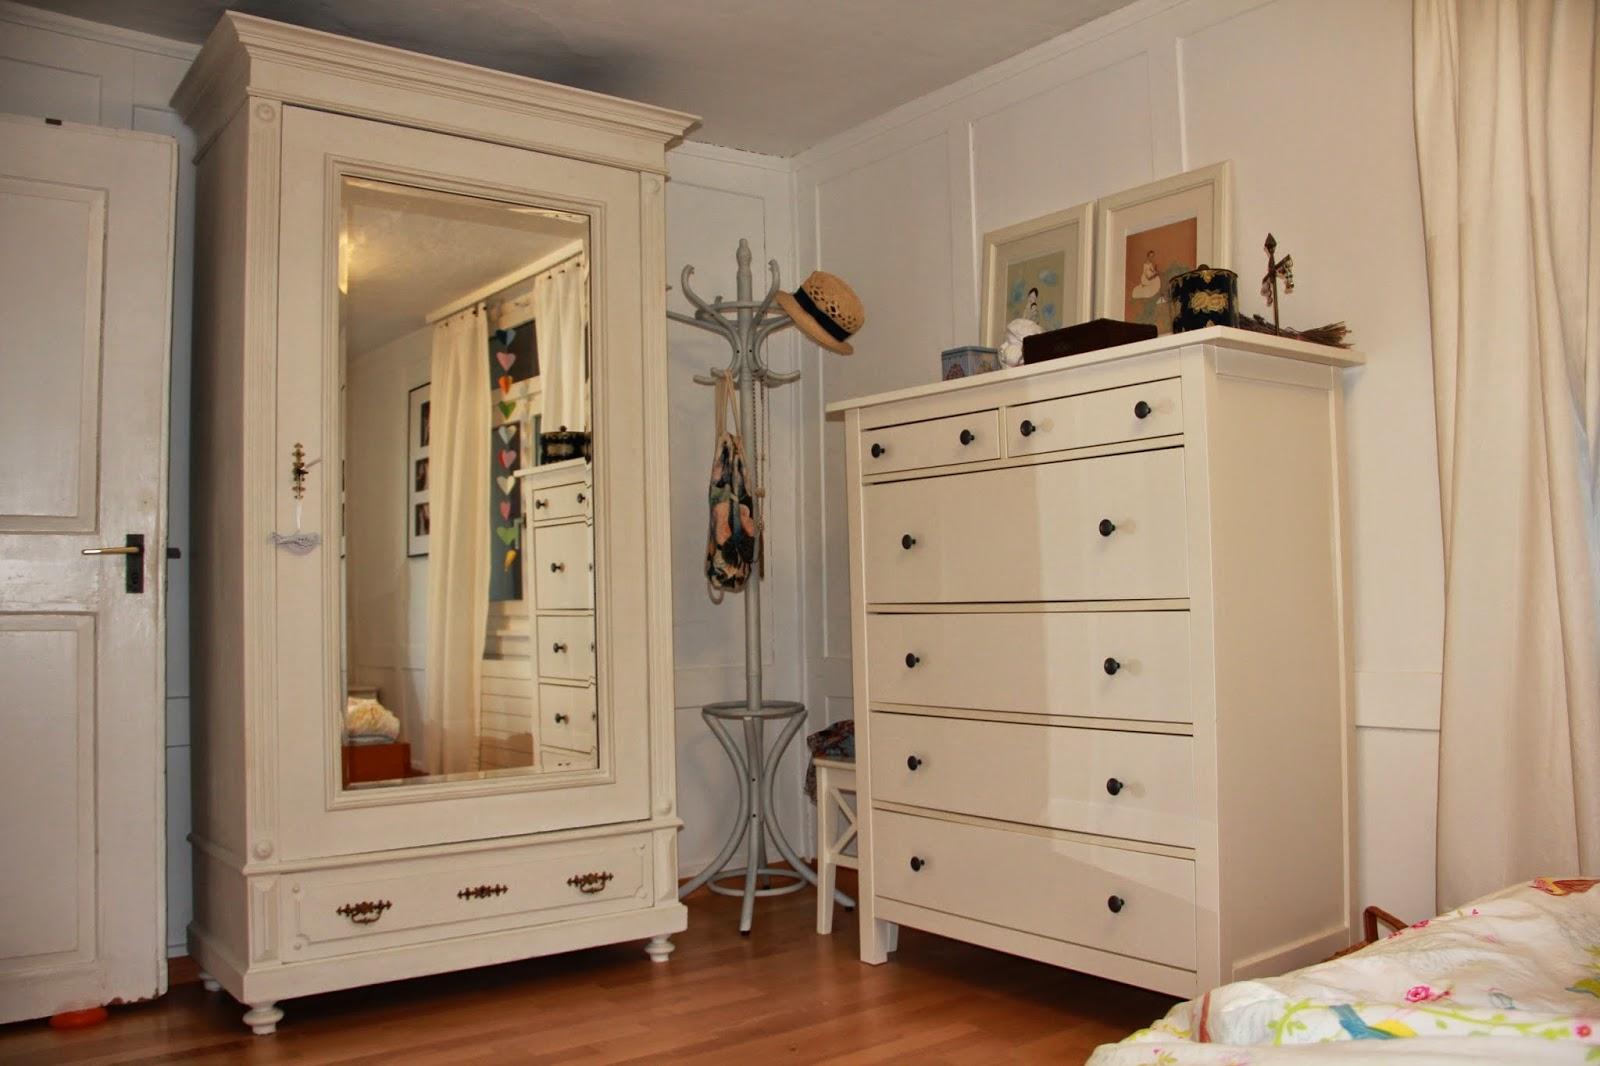 ina 39 s kreativwelt malen mit indiid und annie sloan oder. Black Bedroom Furniture Sets. Home Design Ideas